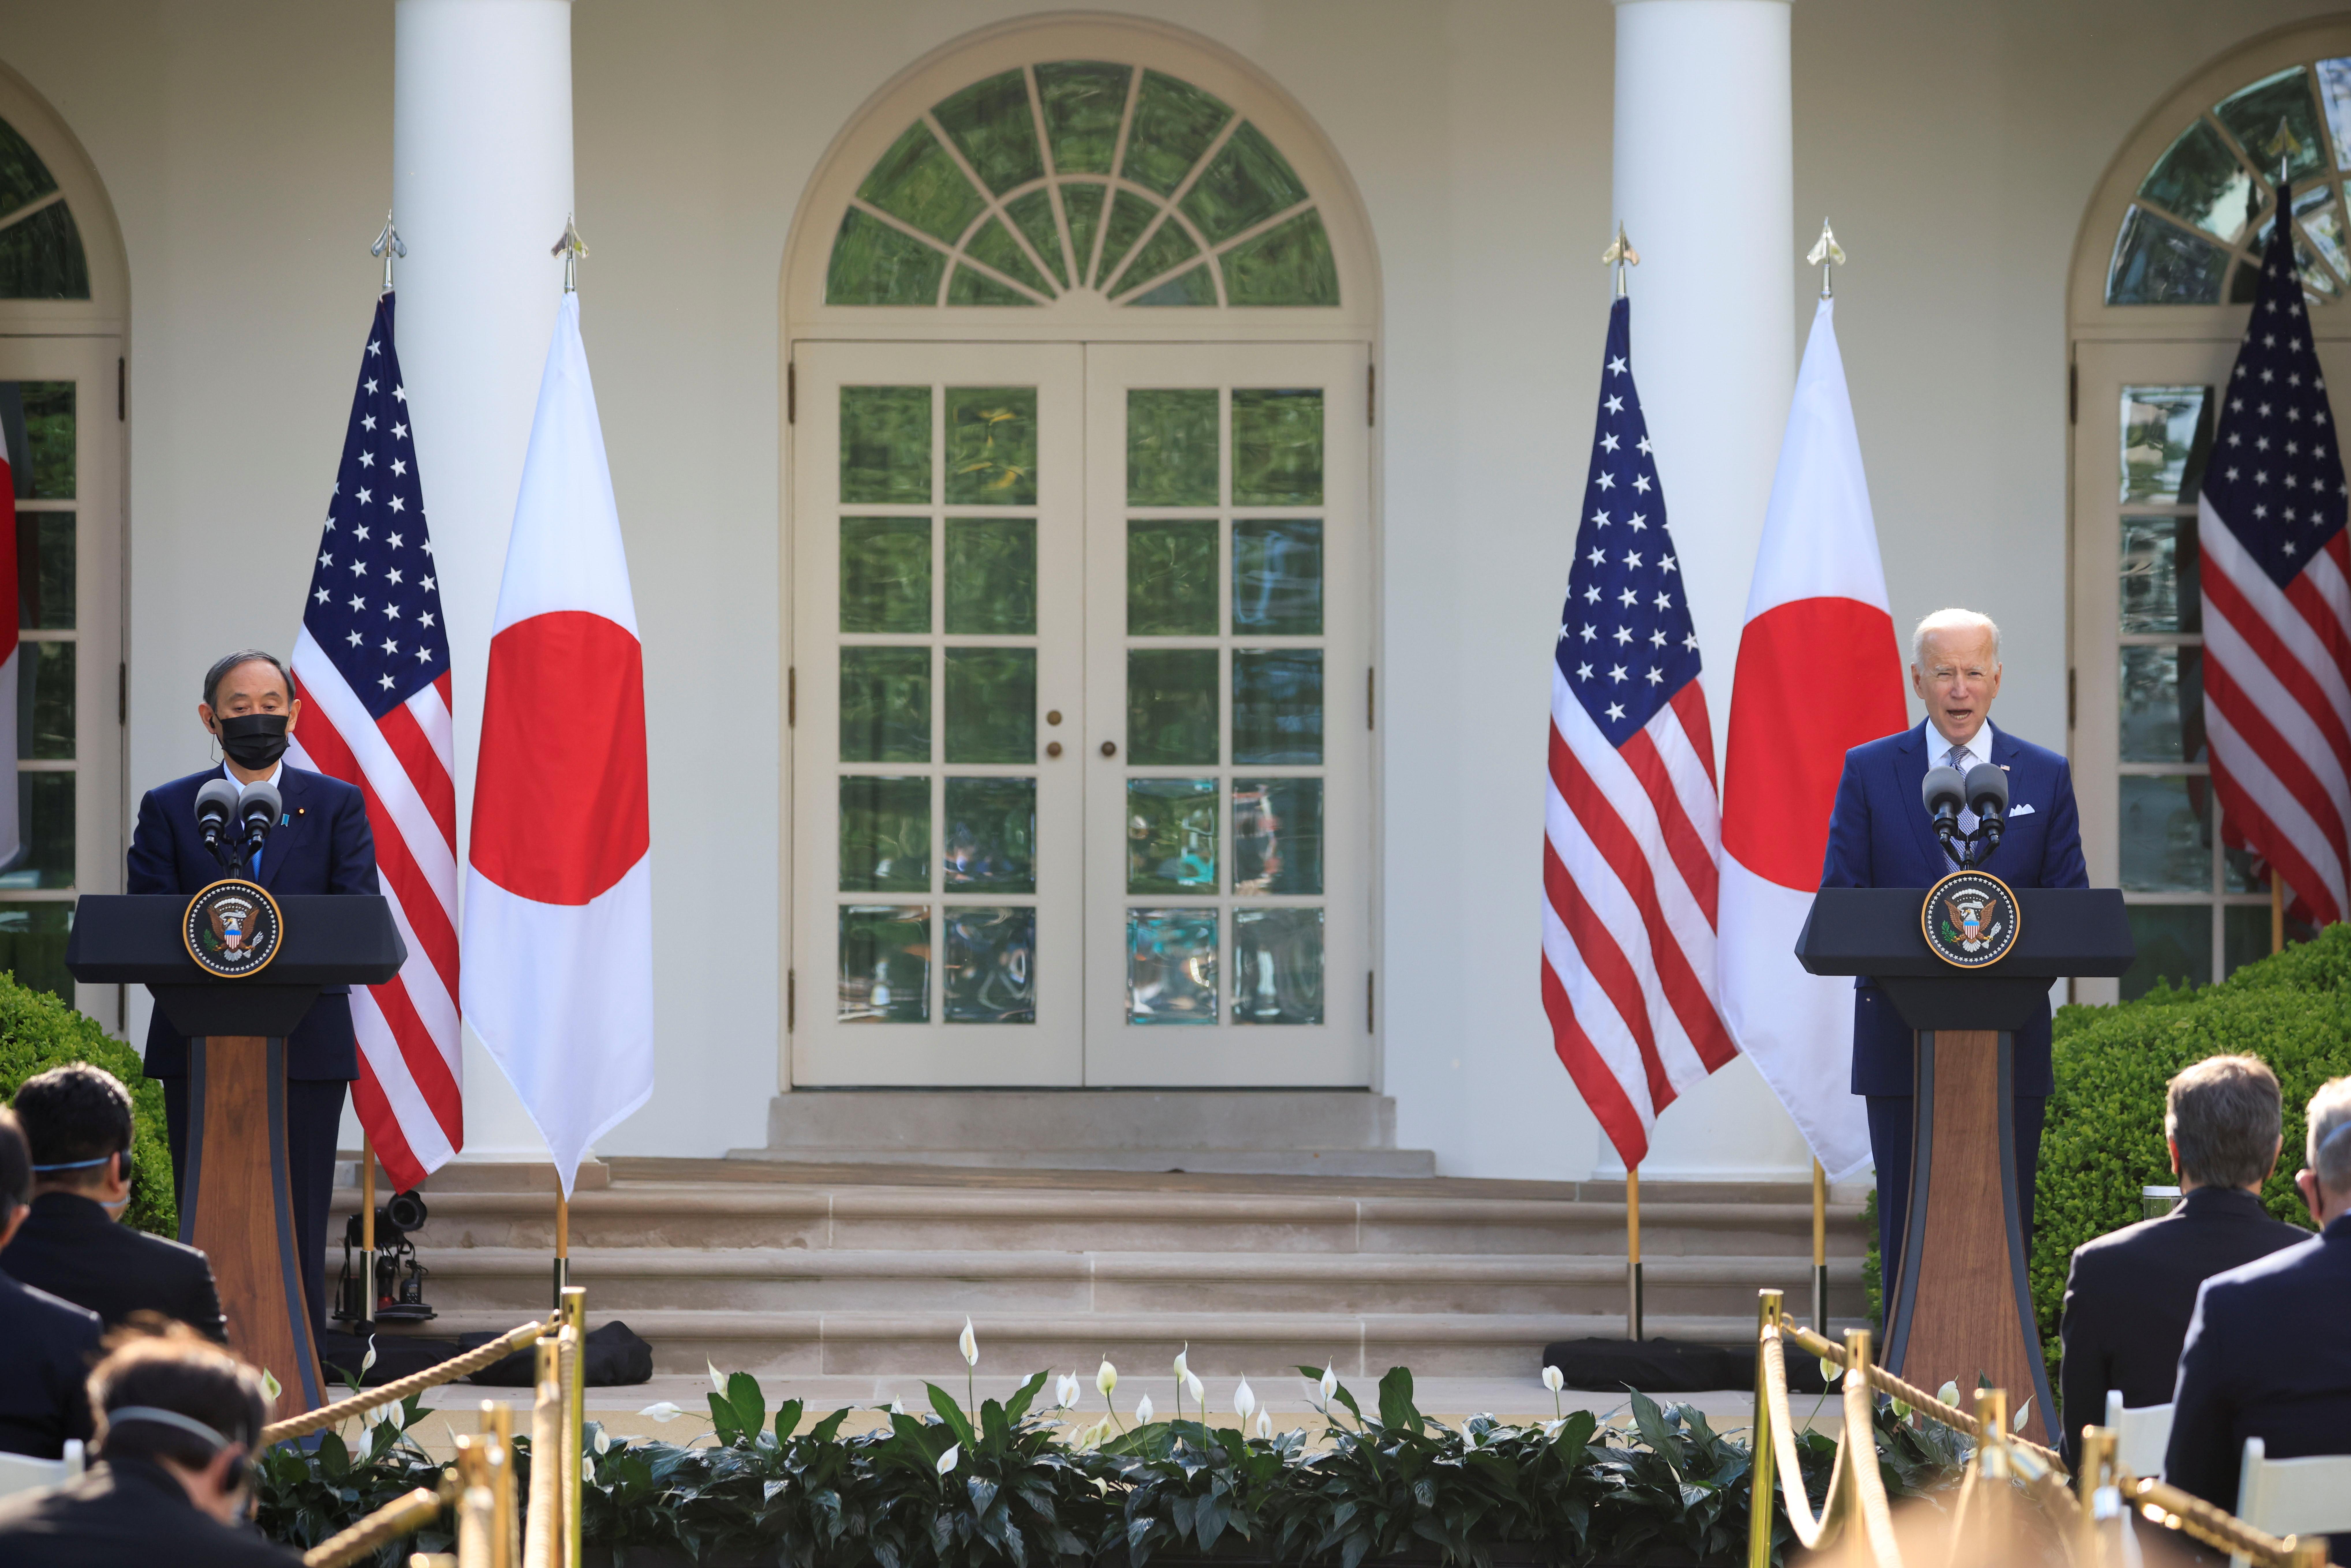 戰略清晰,戰略模糊,美日聯合聲明,兩岸情勢,兩岸關係,中國模式,全球化,修昔底德陷阱,貿易戰,美中關係